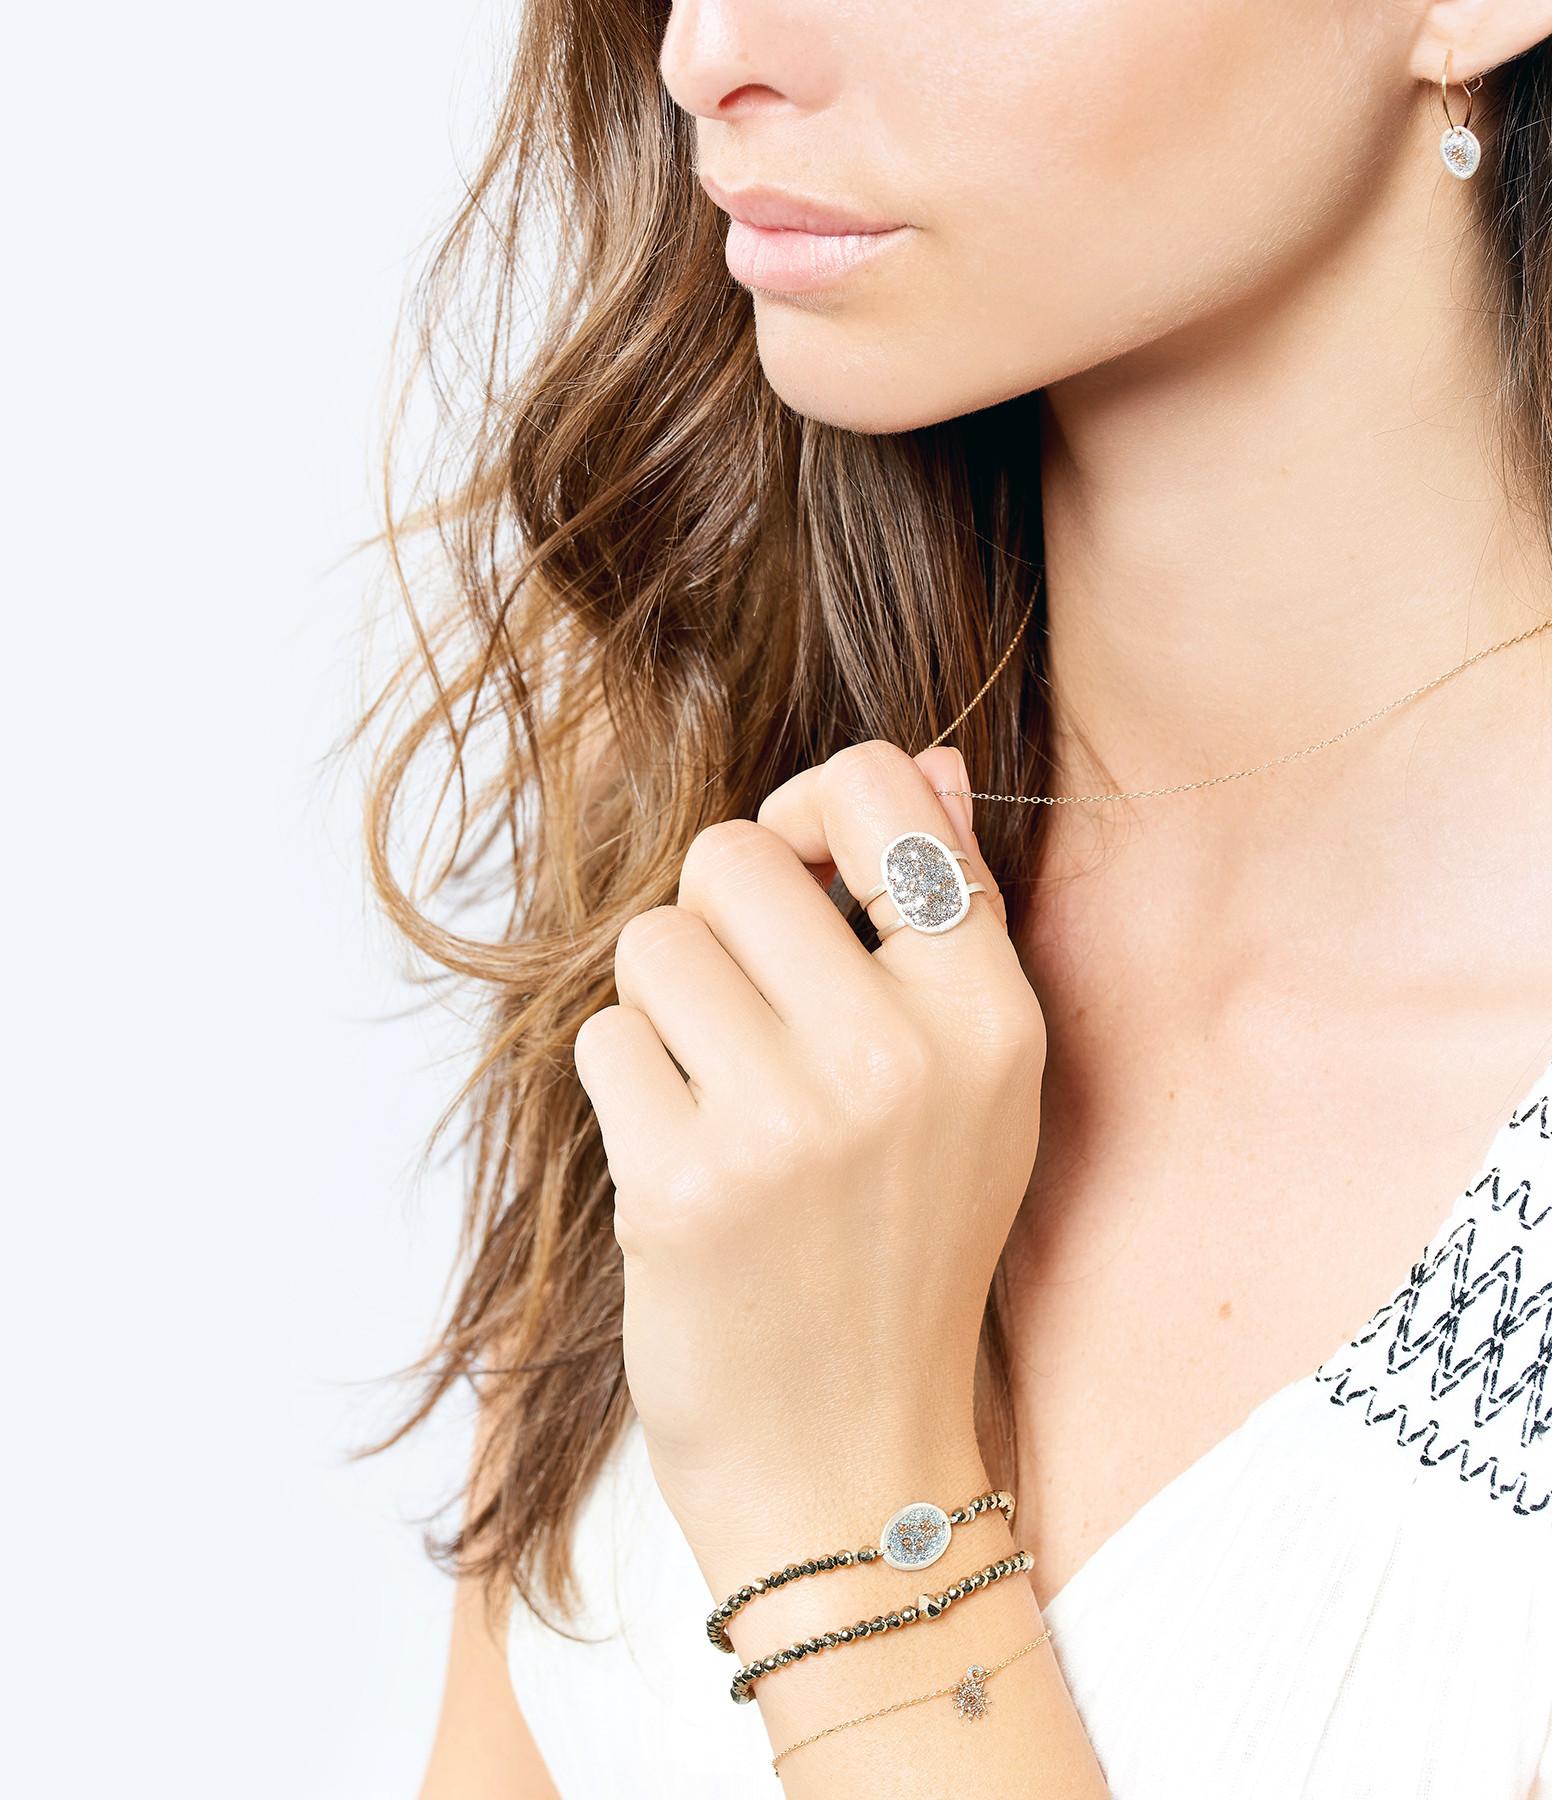 LSONGE - Bracelet Double Eclat Médaille M Argent Blanc Hématite Kaki